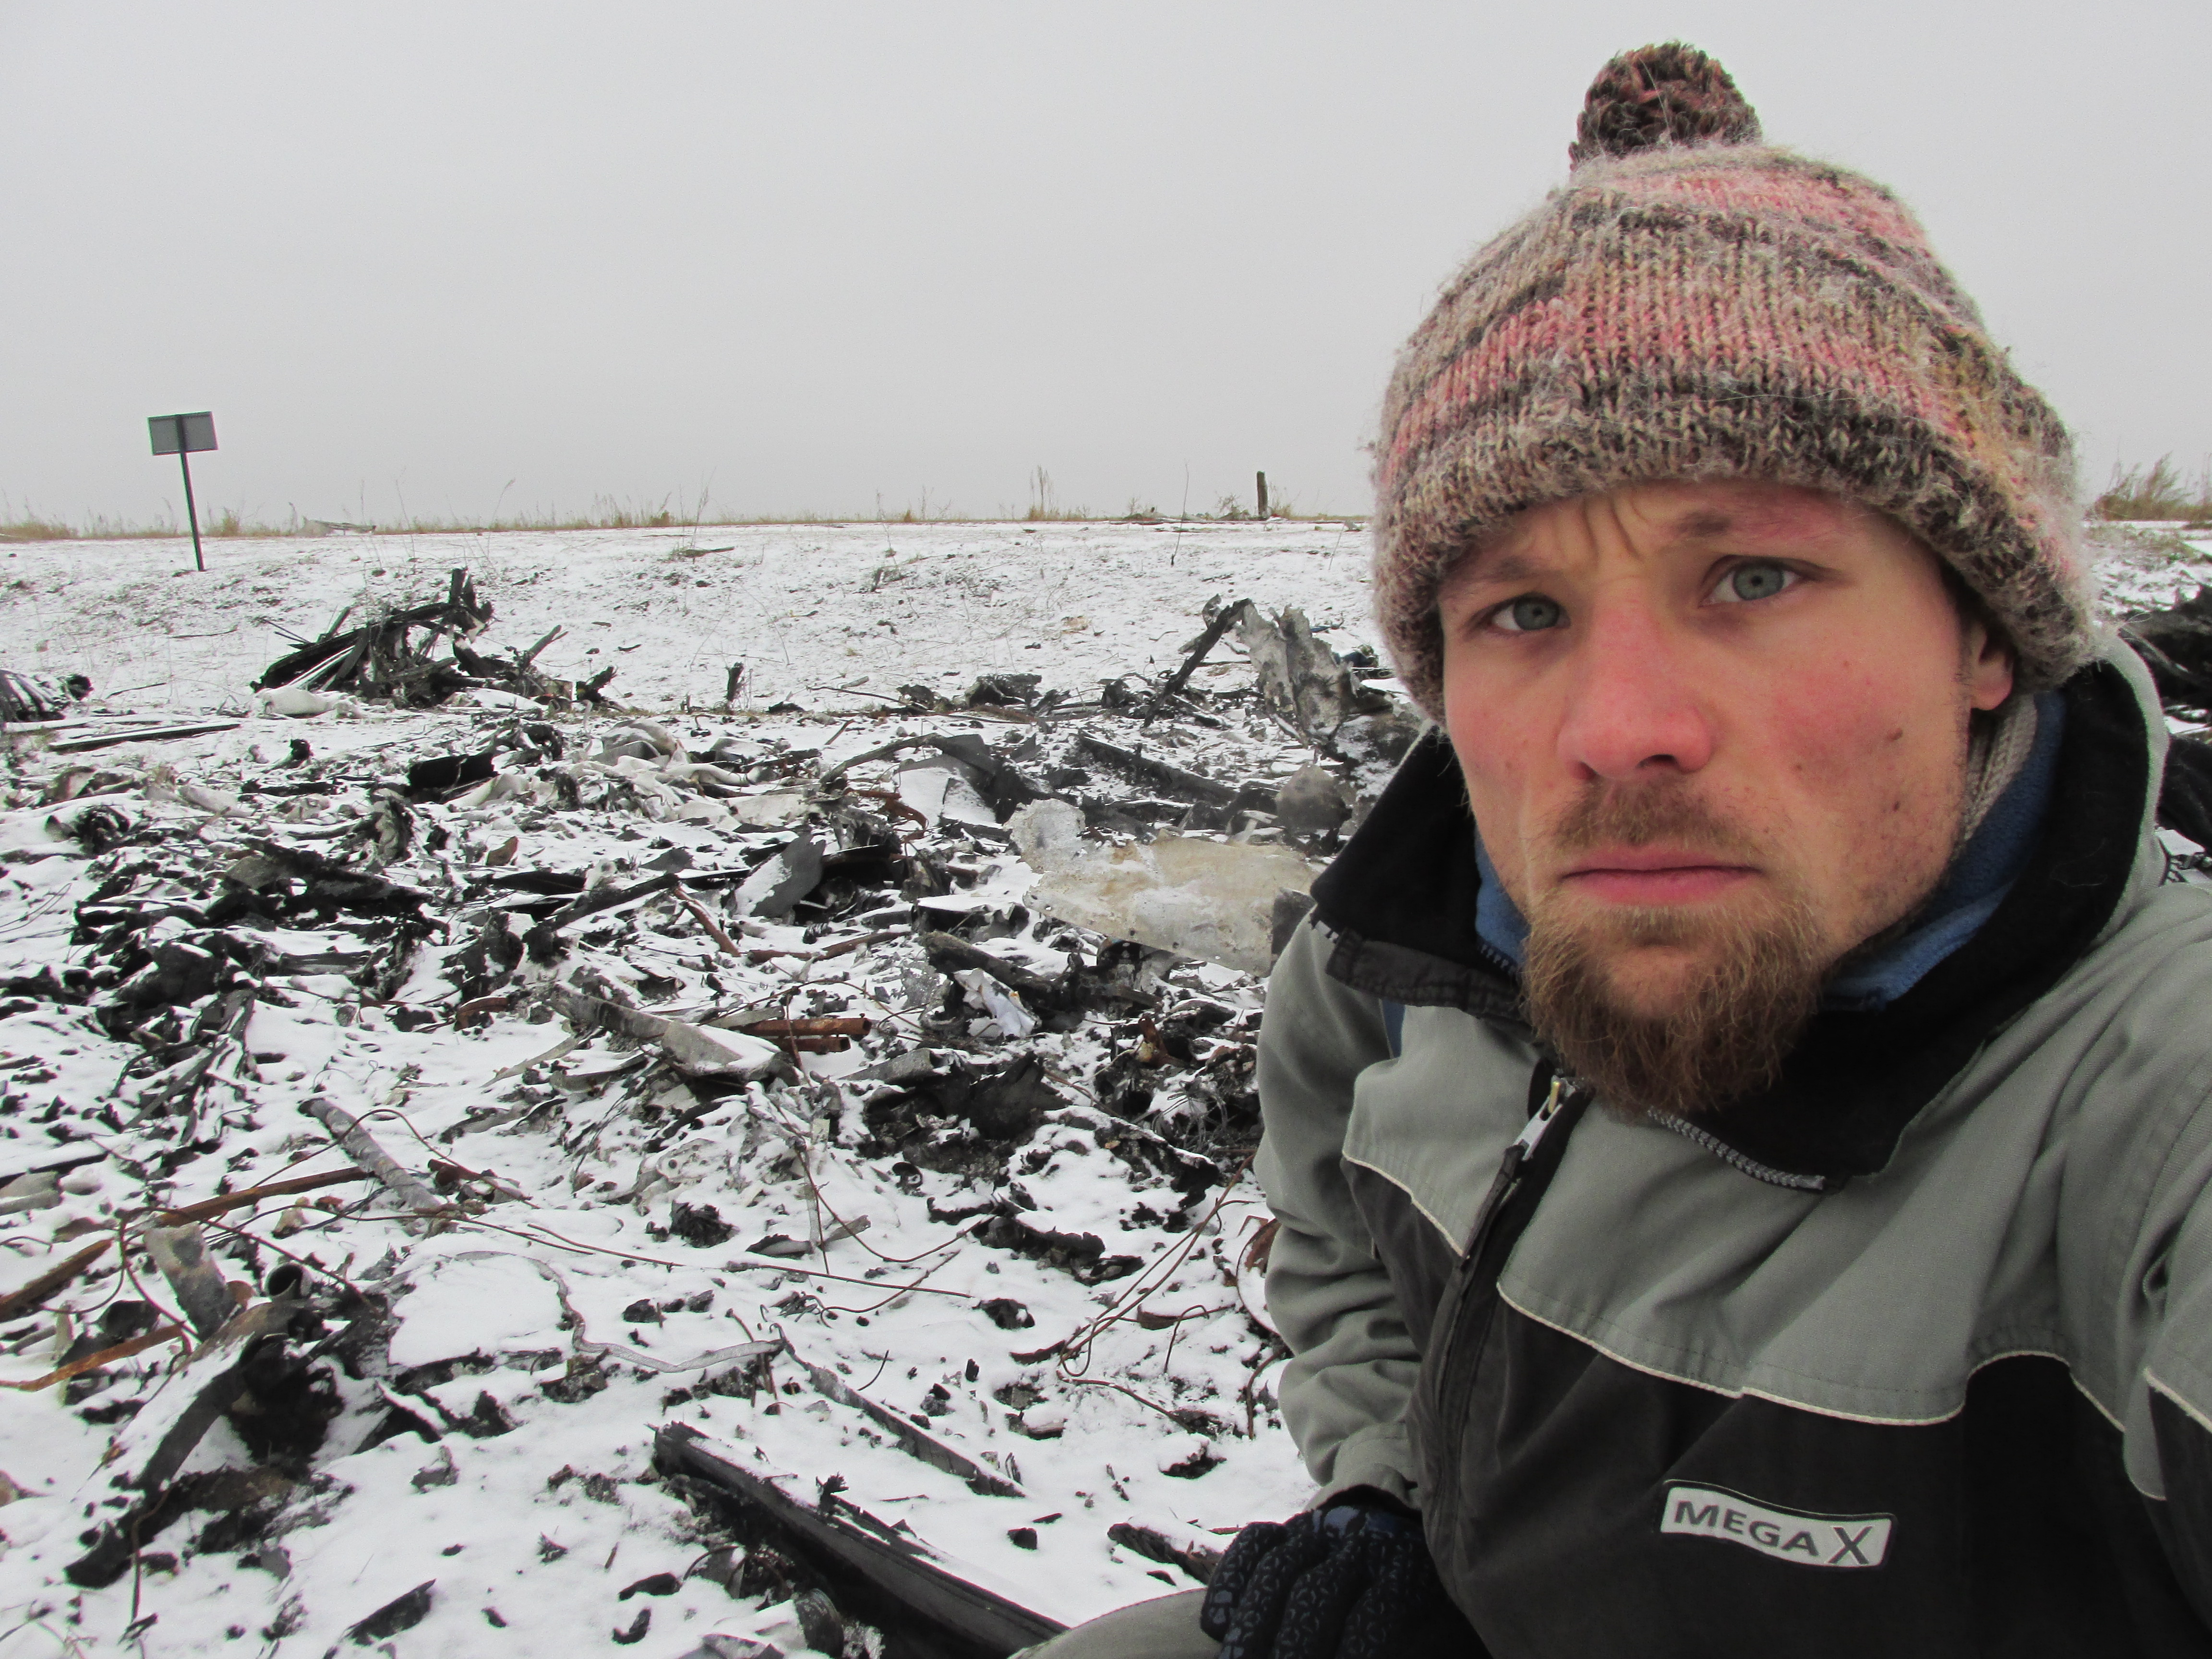 Am Abgrund der Dinge - Friedhof MH17 bei Grabowo (November 2014)